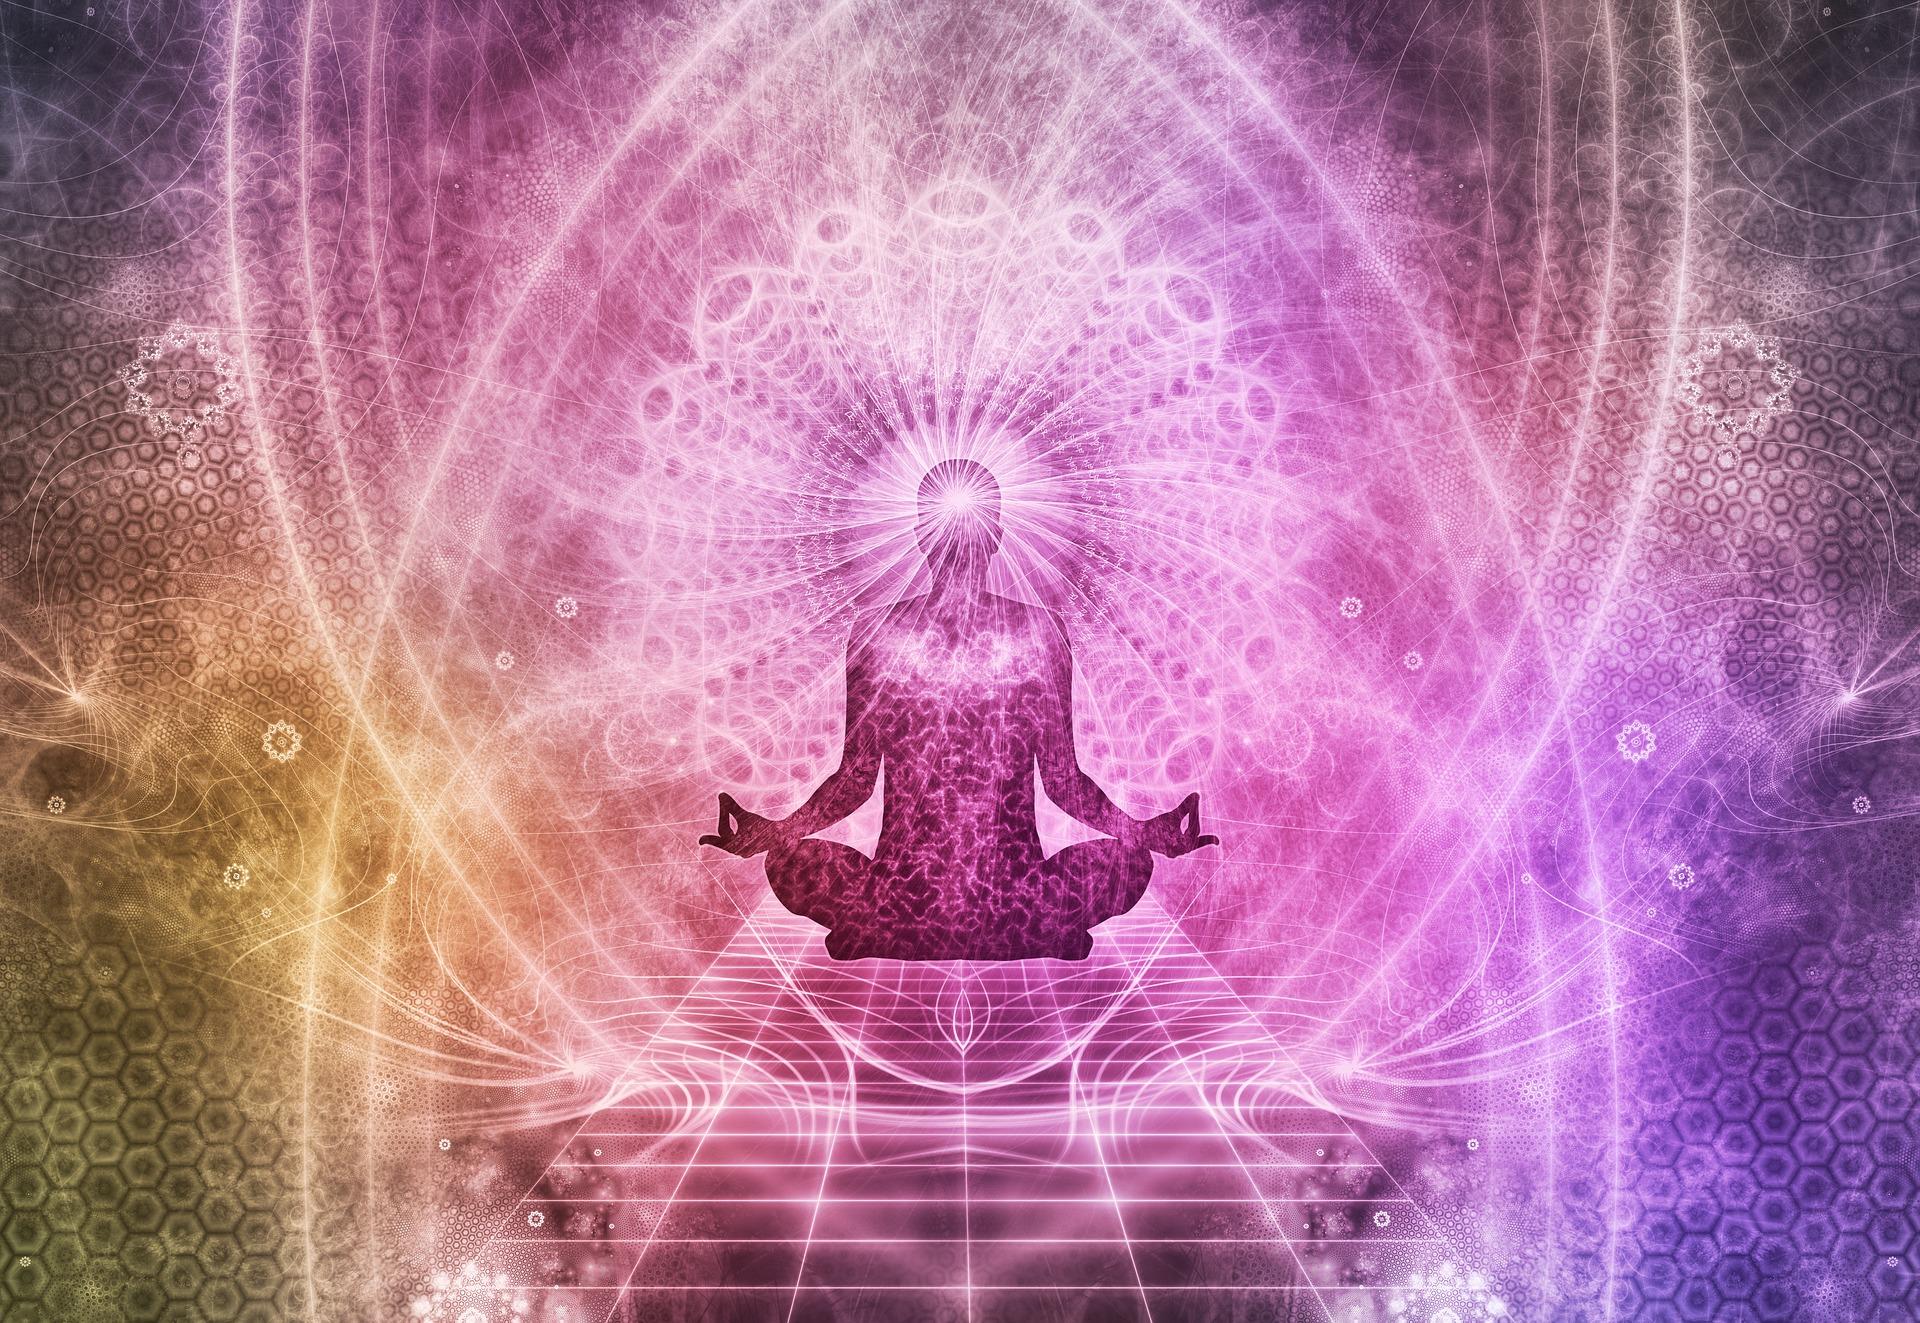 Geistheilung und energetisches Heilen